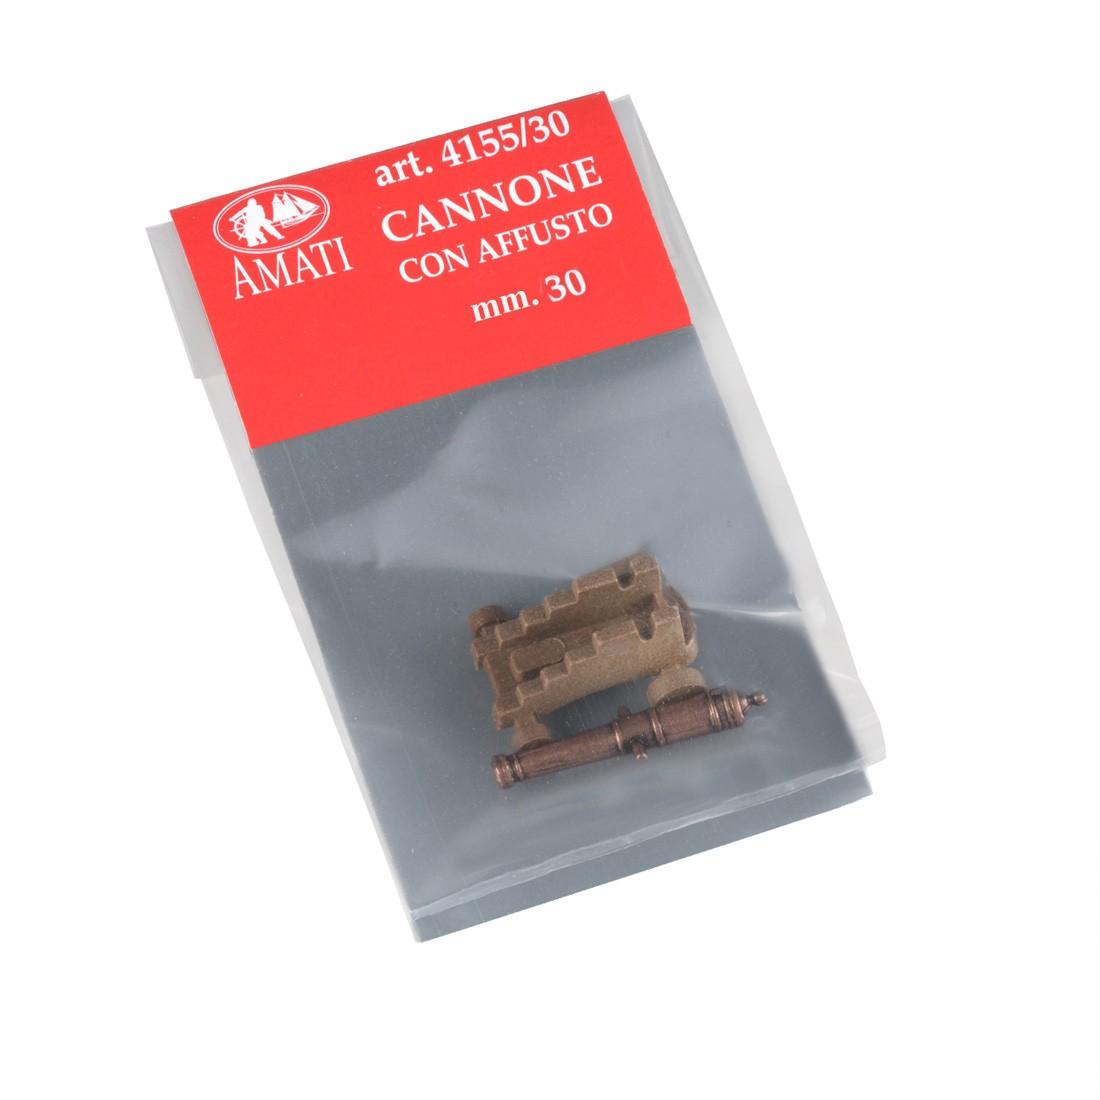 Cañones con carro mm.30